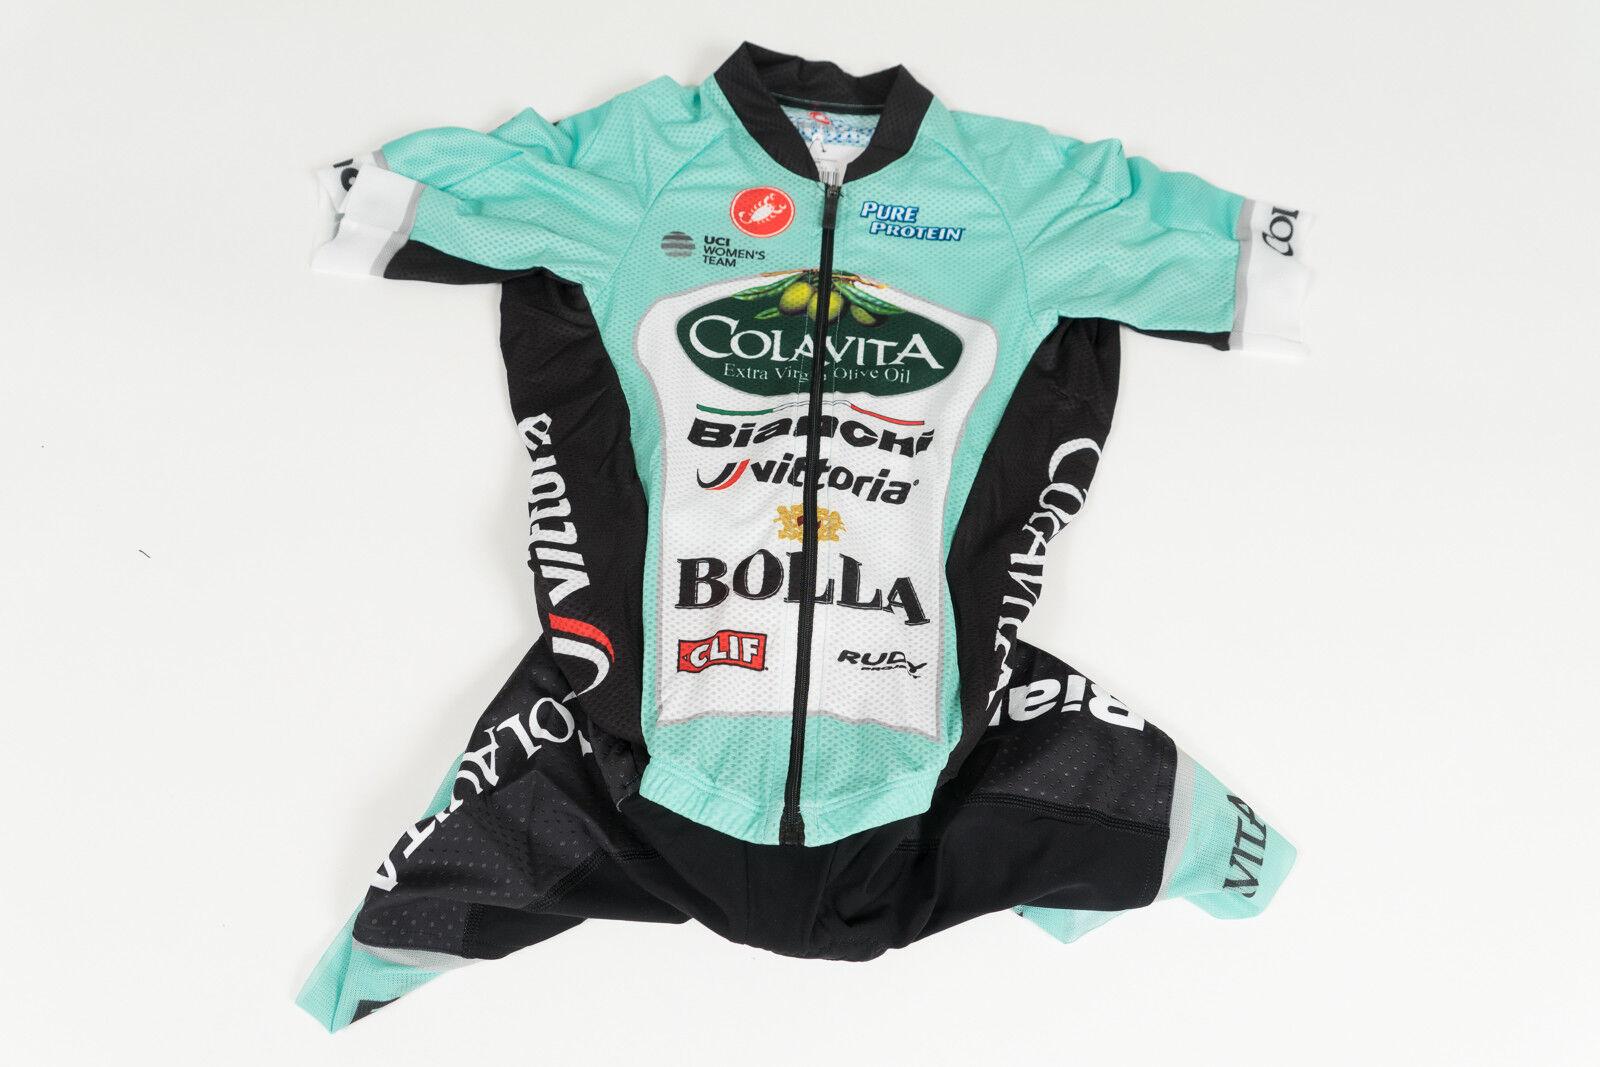 Nuevo 2017 mujer Castelli Colavita Pro Ciclismo San Remo 3.2 traje de velocidad de manga corta, talla. M